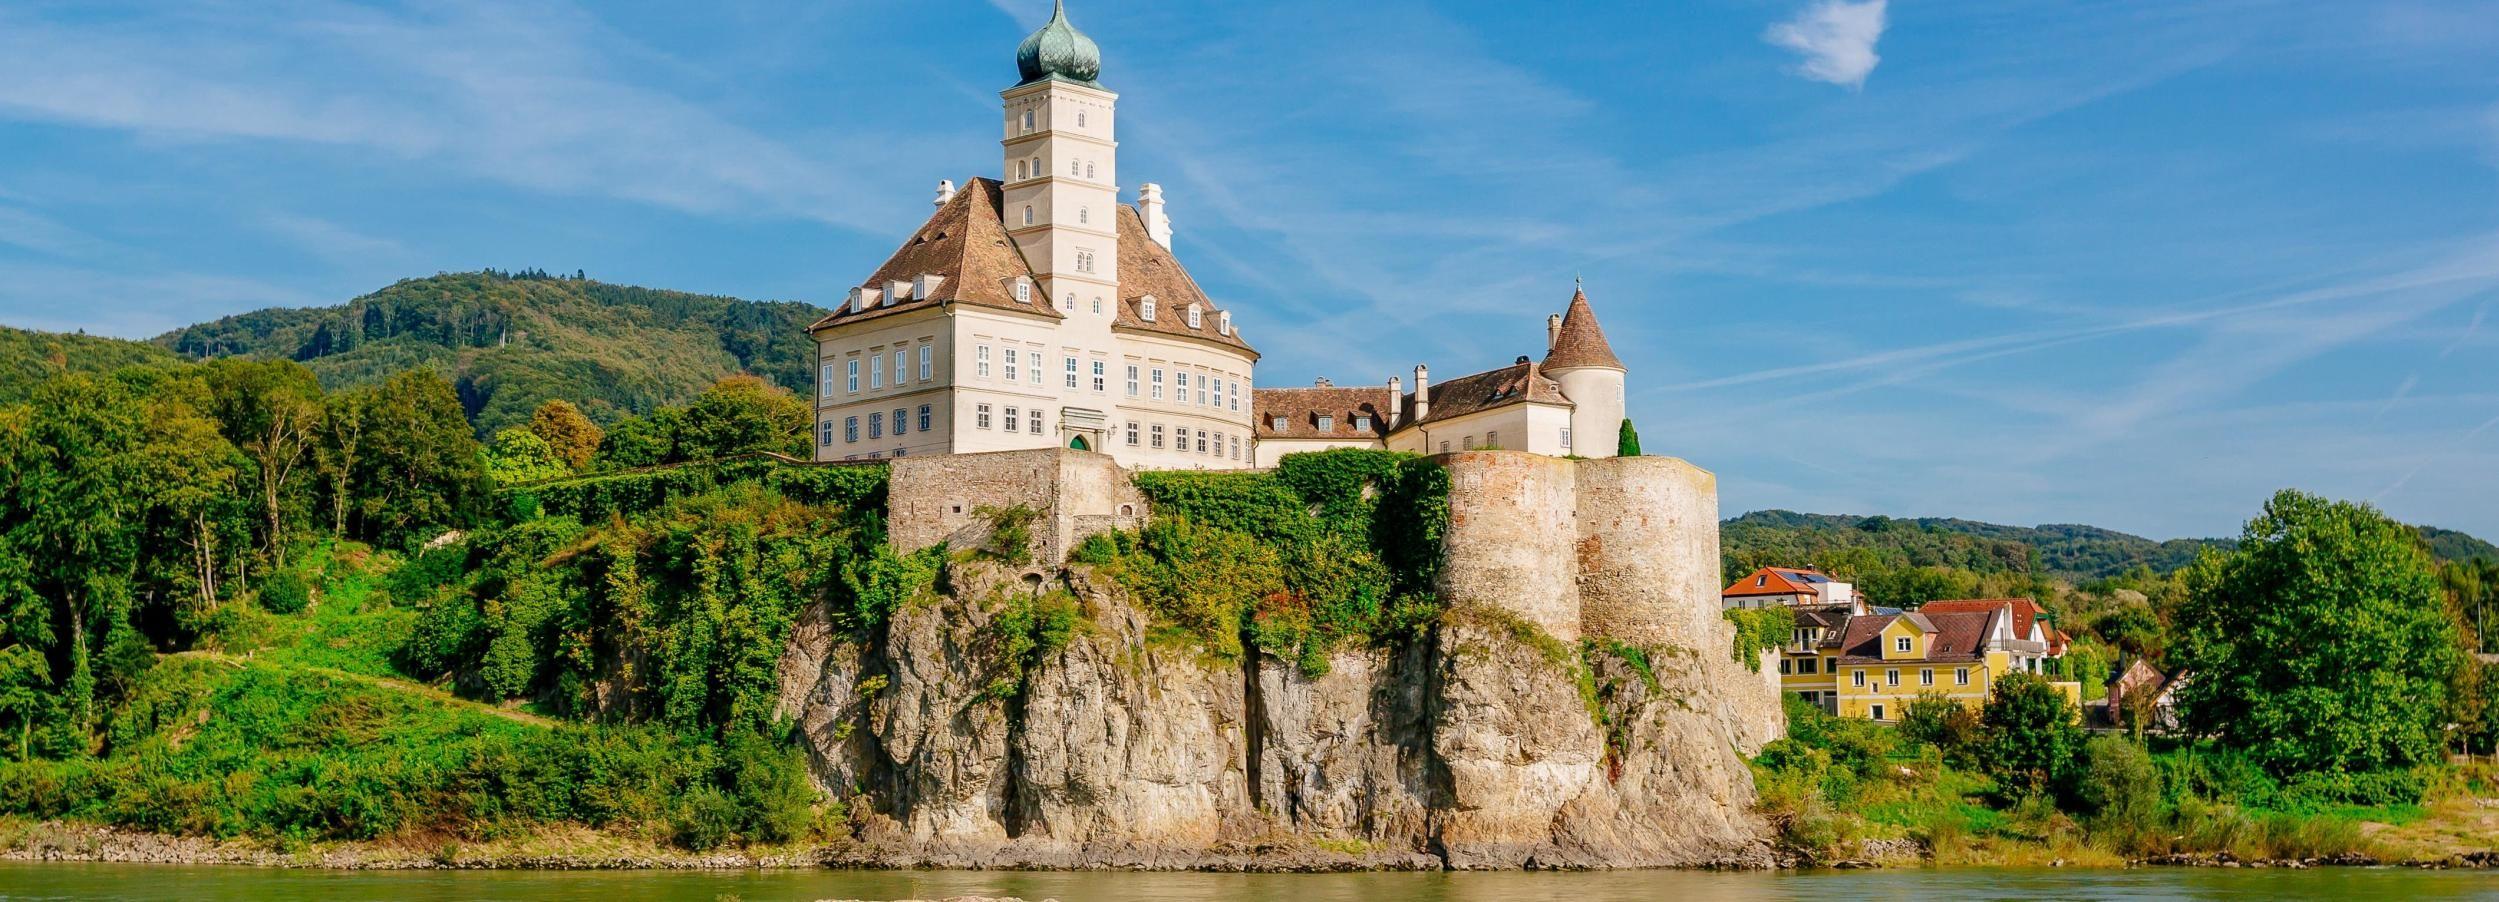 De Vienne: excursion aux vallées de la Wachau et du Danube